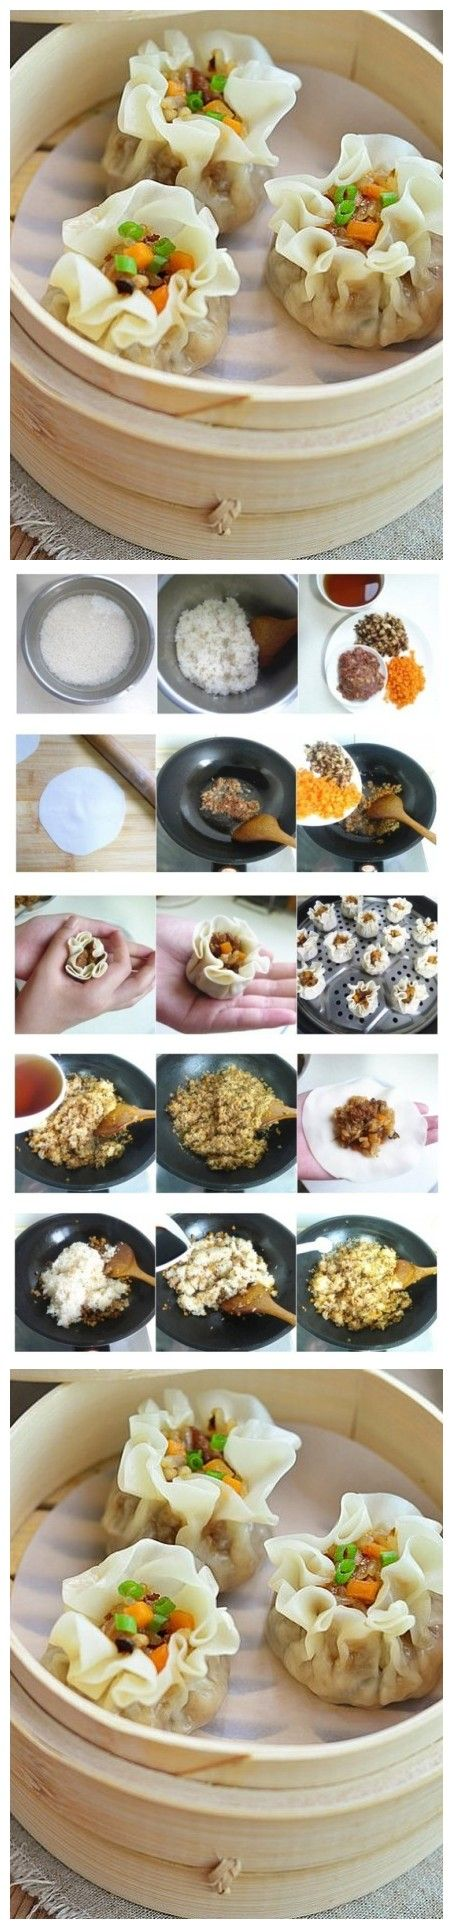 canastas de arroz y verduras al vapor                                                                                                                                                      Más